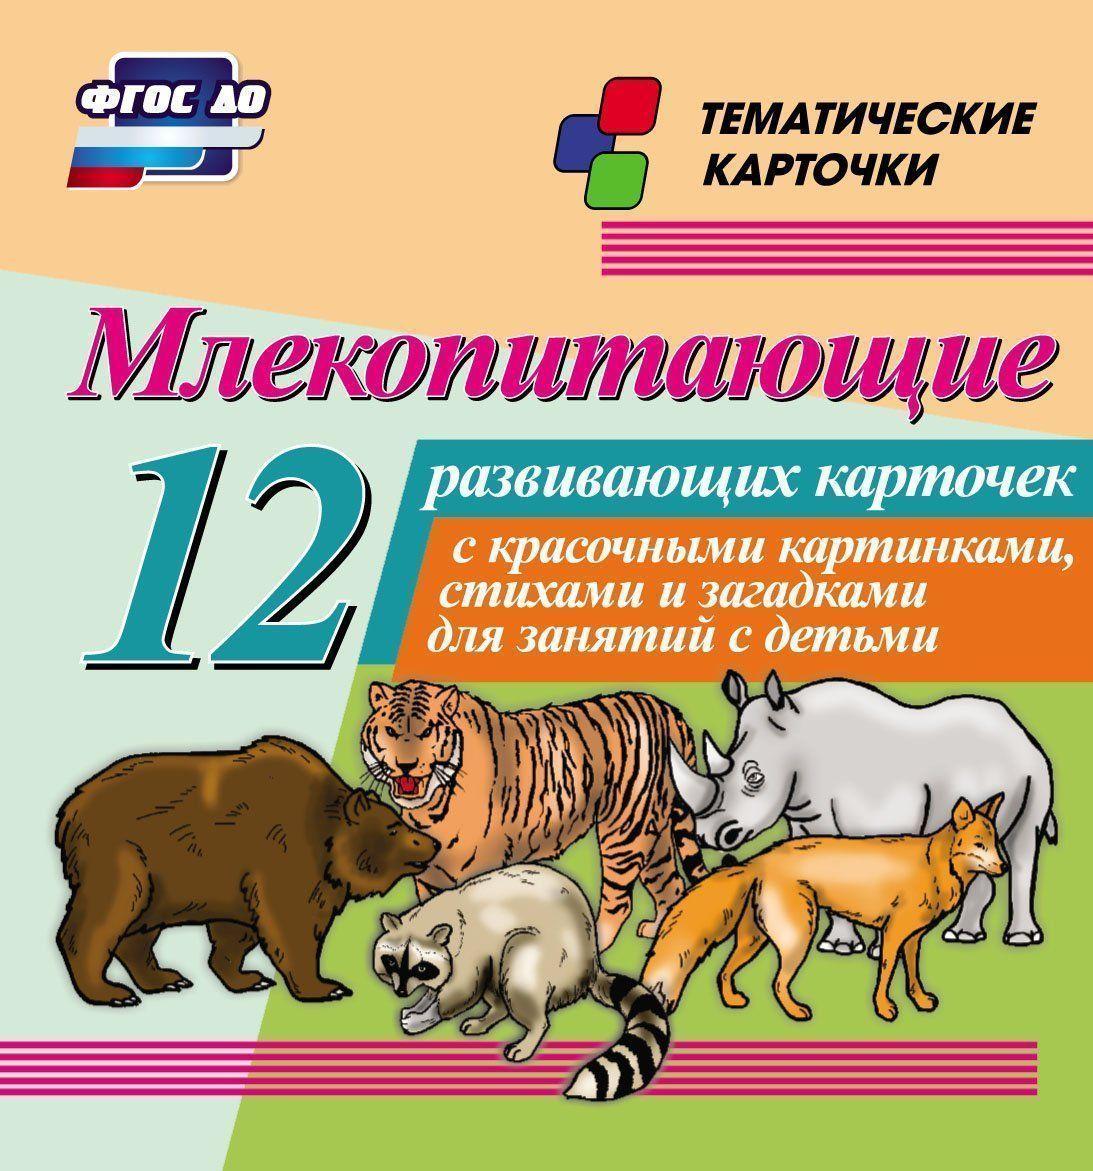 Млекопитающие: 12 развивающих карточек с красочными картинками, стихами и загадками для занятий детьми